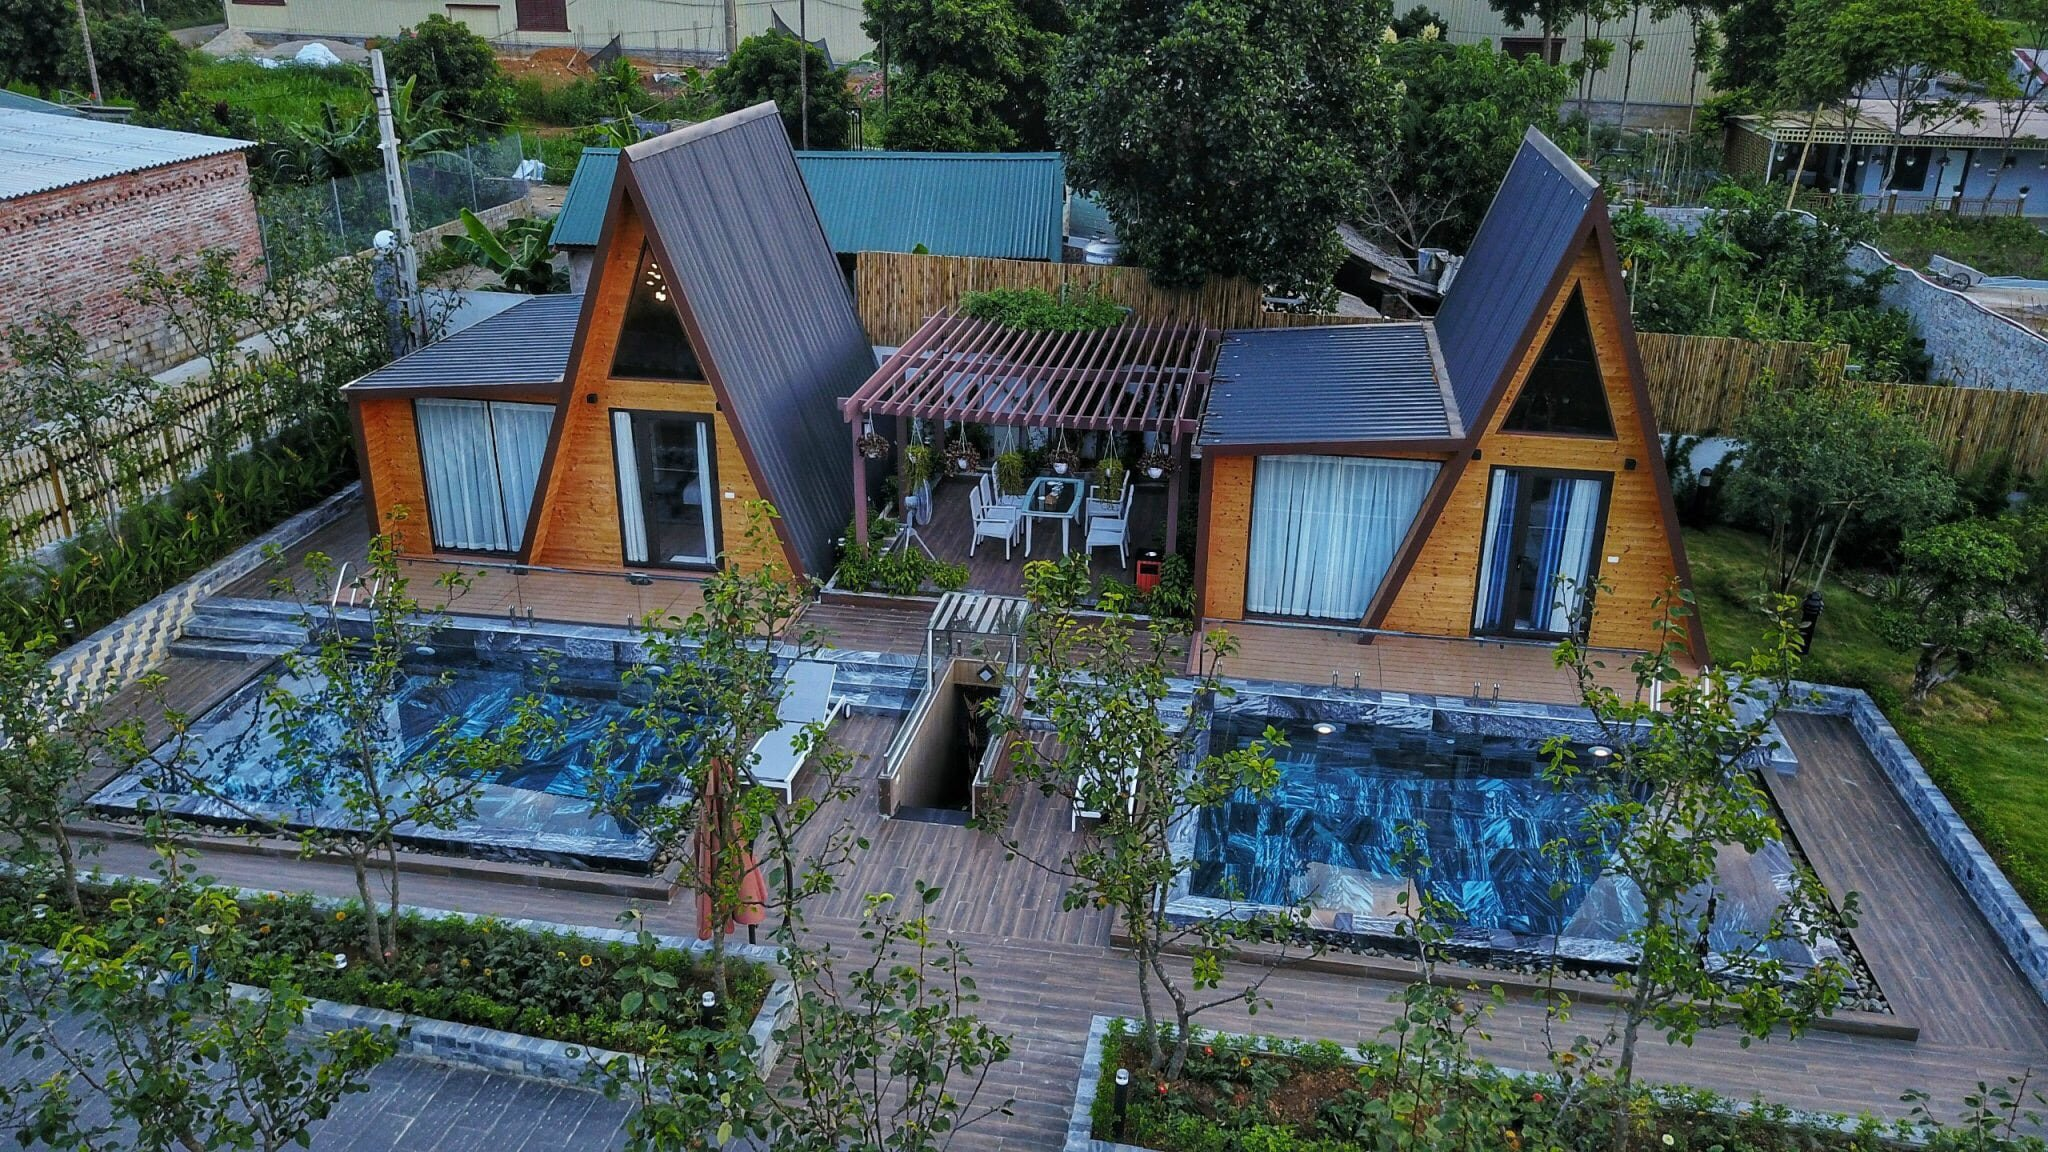 khuon vien bungalow garden ht garden homestay thach that ha noi